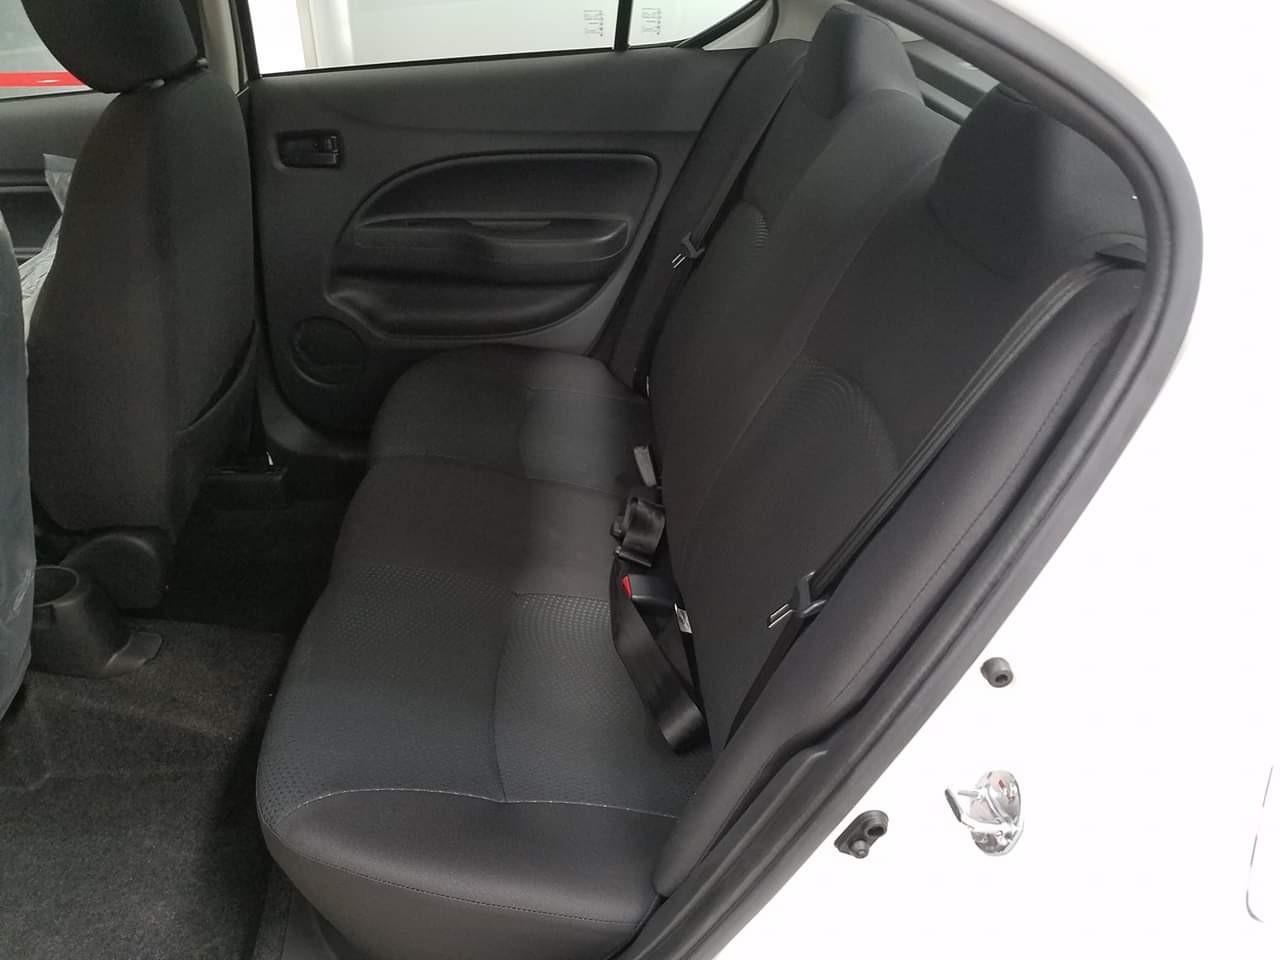 Bán ô tô Mitsubishi Attrage 1.2 MT Eco 2019, màu trắng, xe nhập, giá chỉ 375 triệu